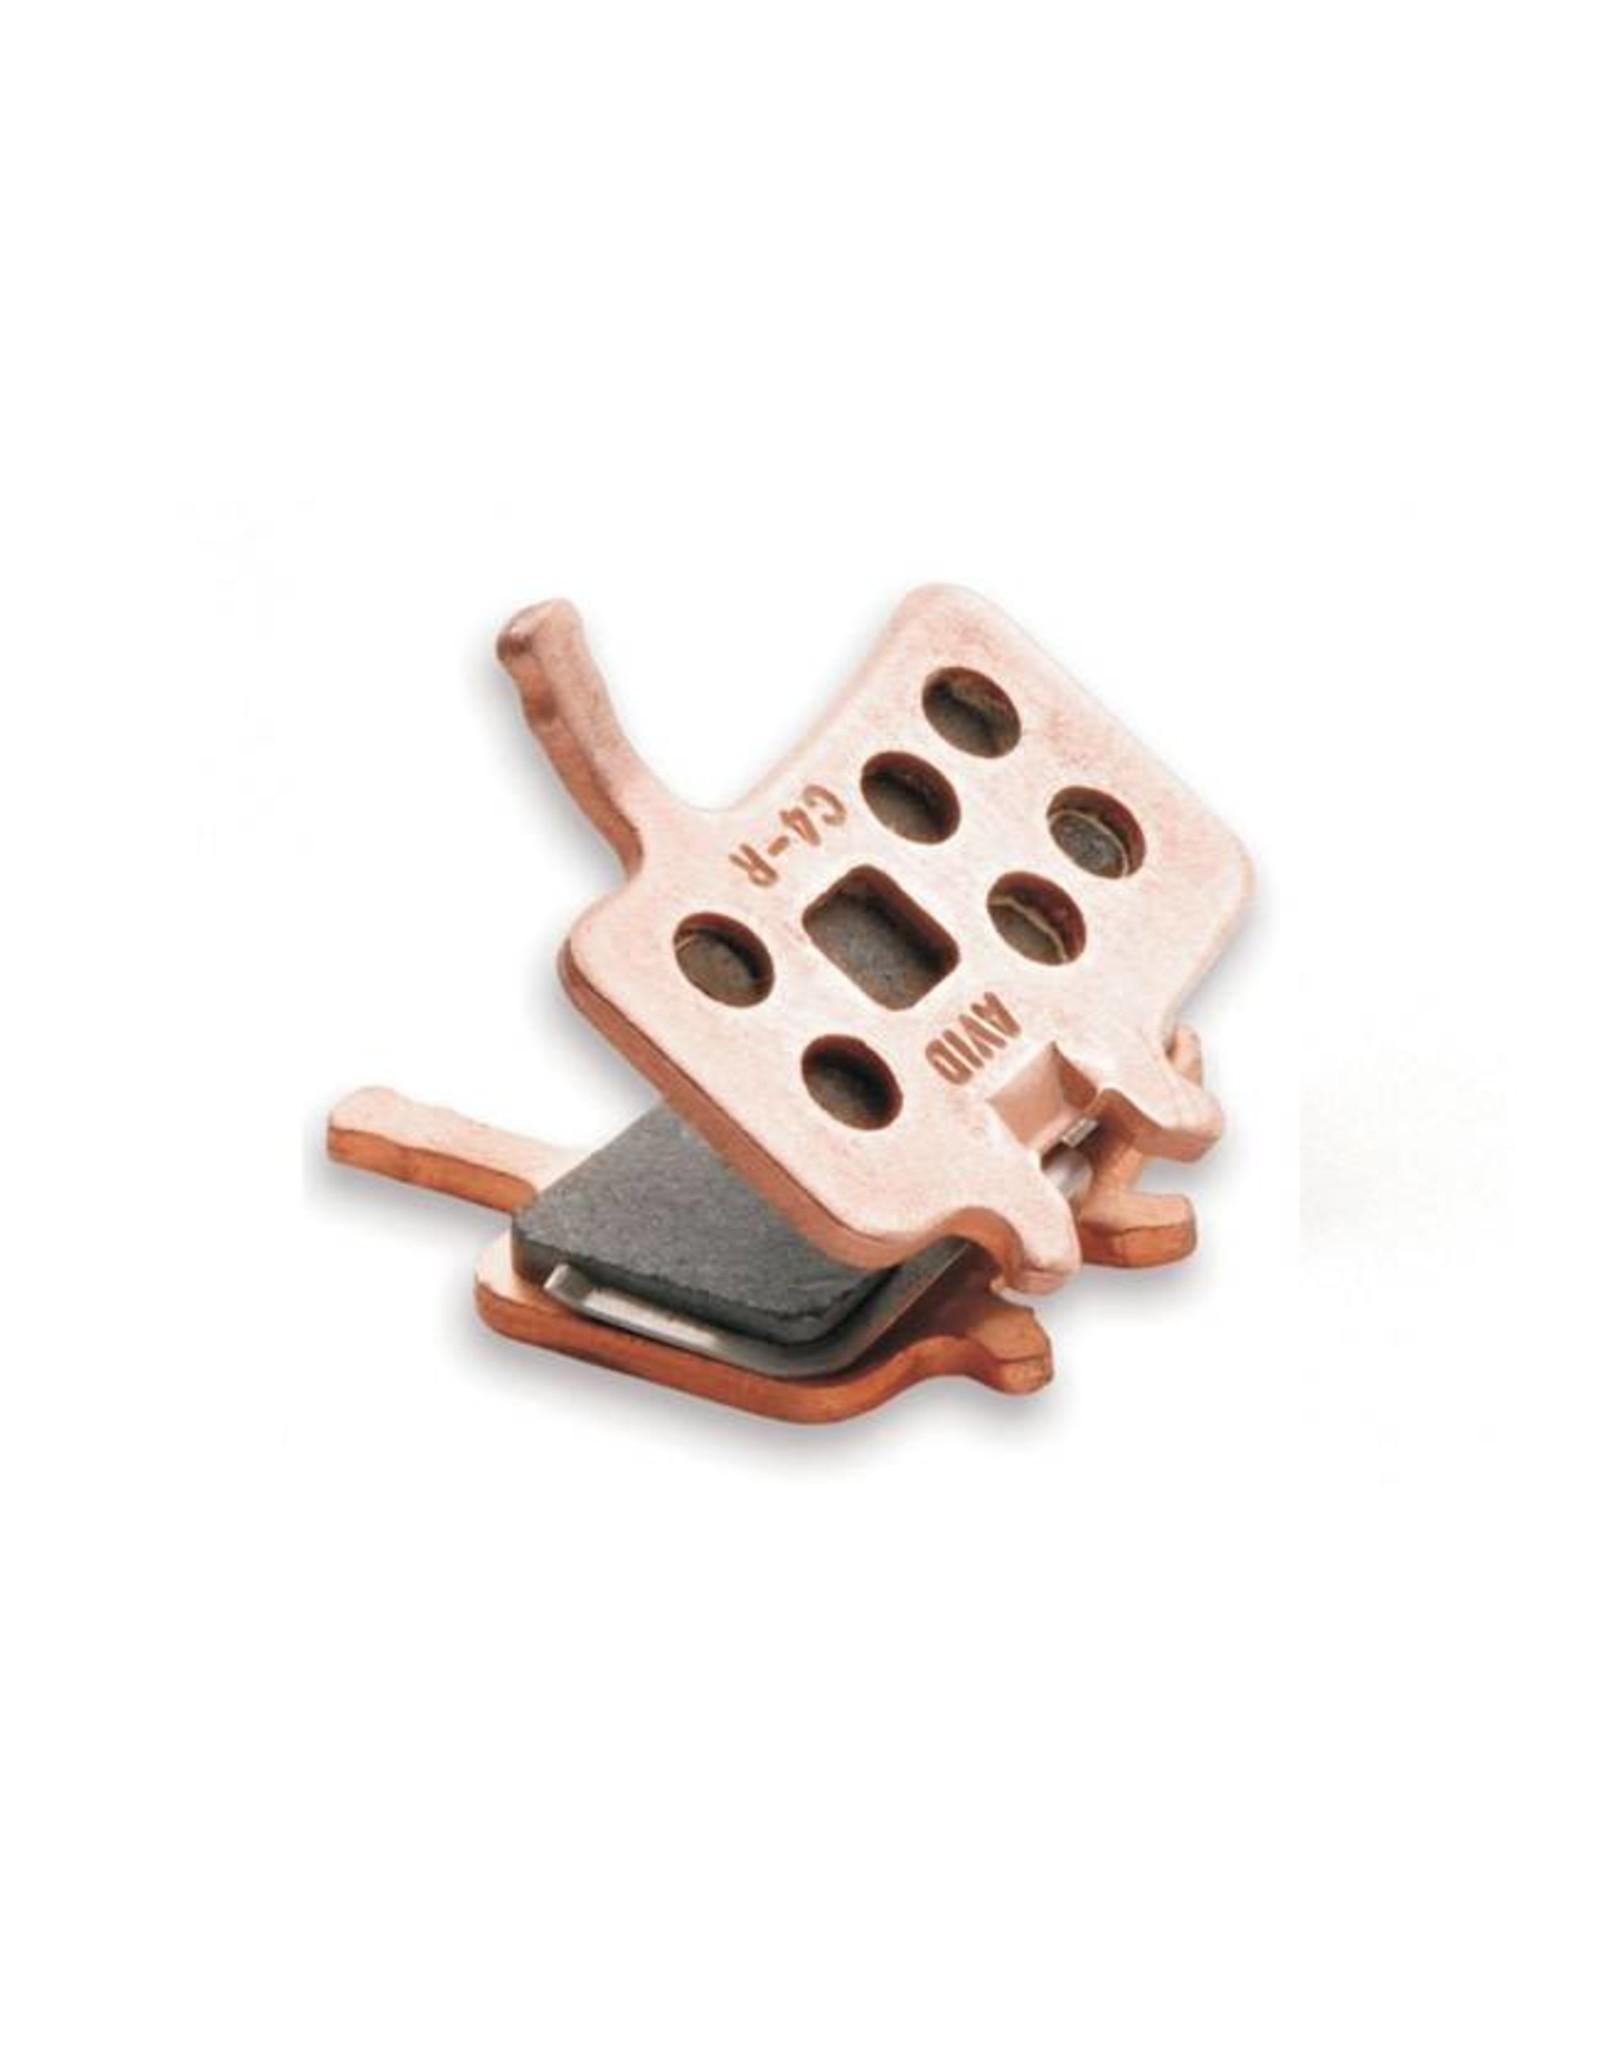 Avid Avid Metallic Disc Brake Pads for all Juicy and BB7, Pair